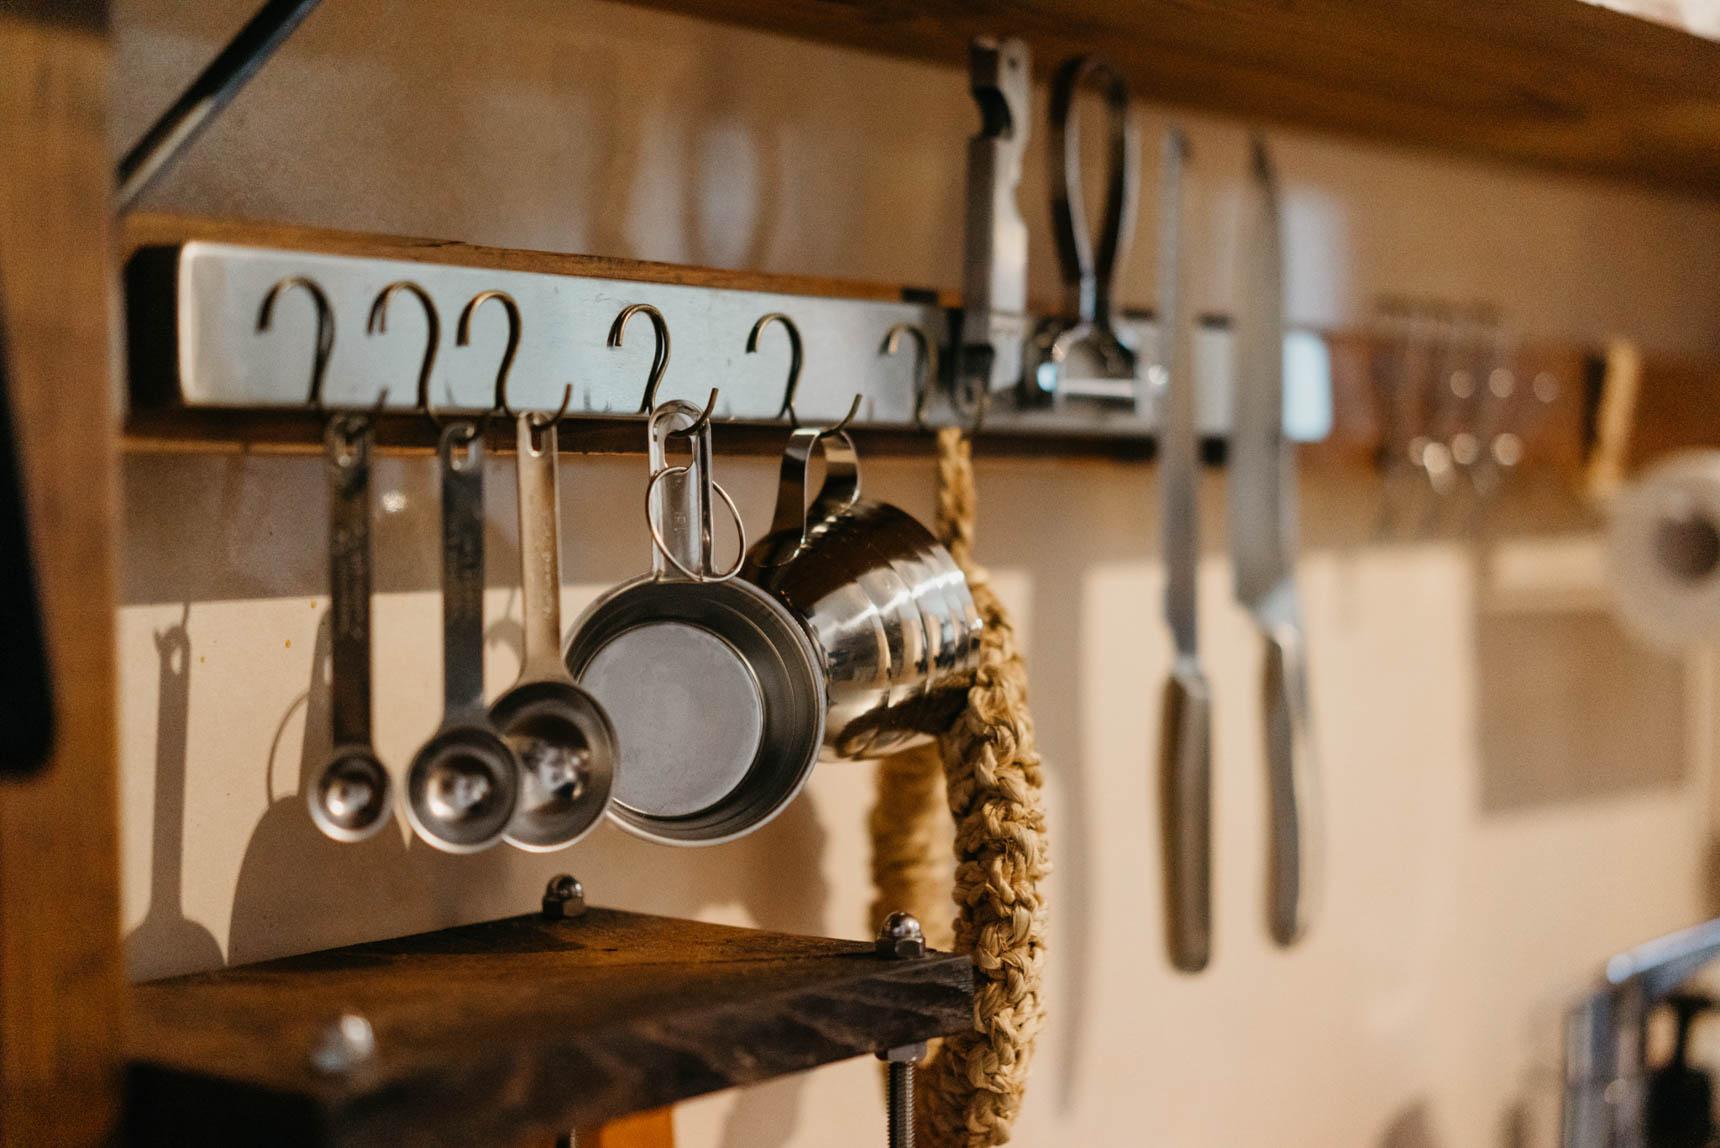 こちらはIKEAで購入できるマグネット式のナイフラック。ナイフ以外のものも、ご覧のように吊り下げ収納ができます。これは便利。